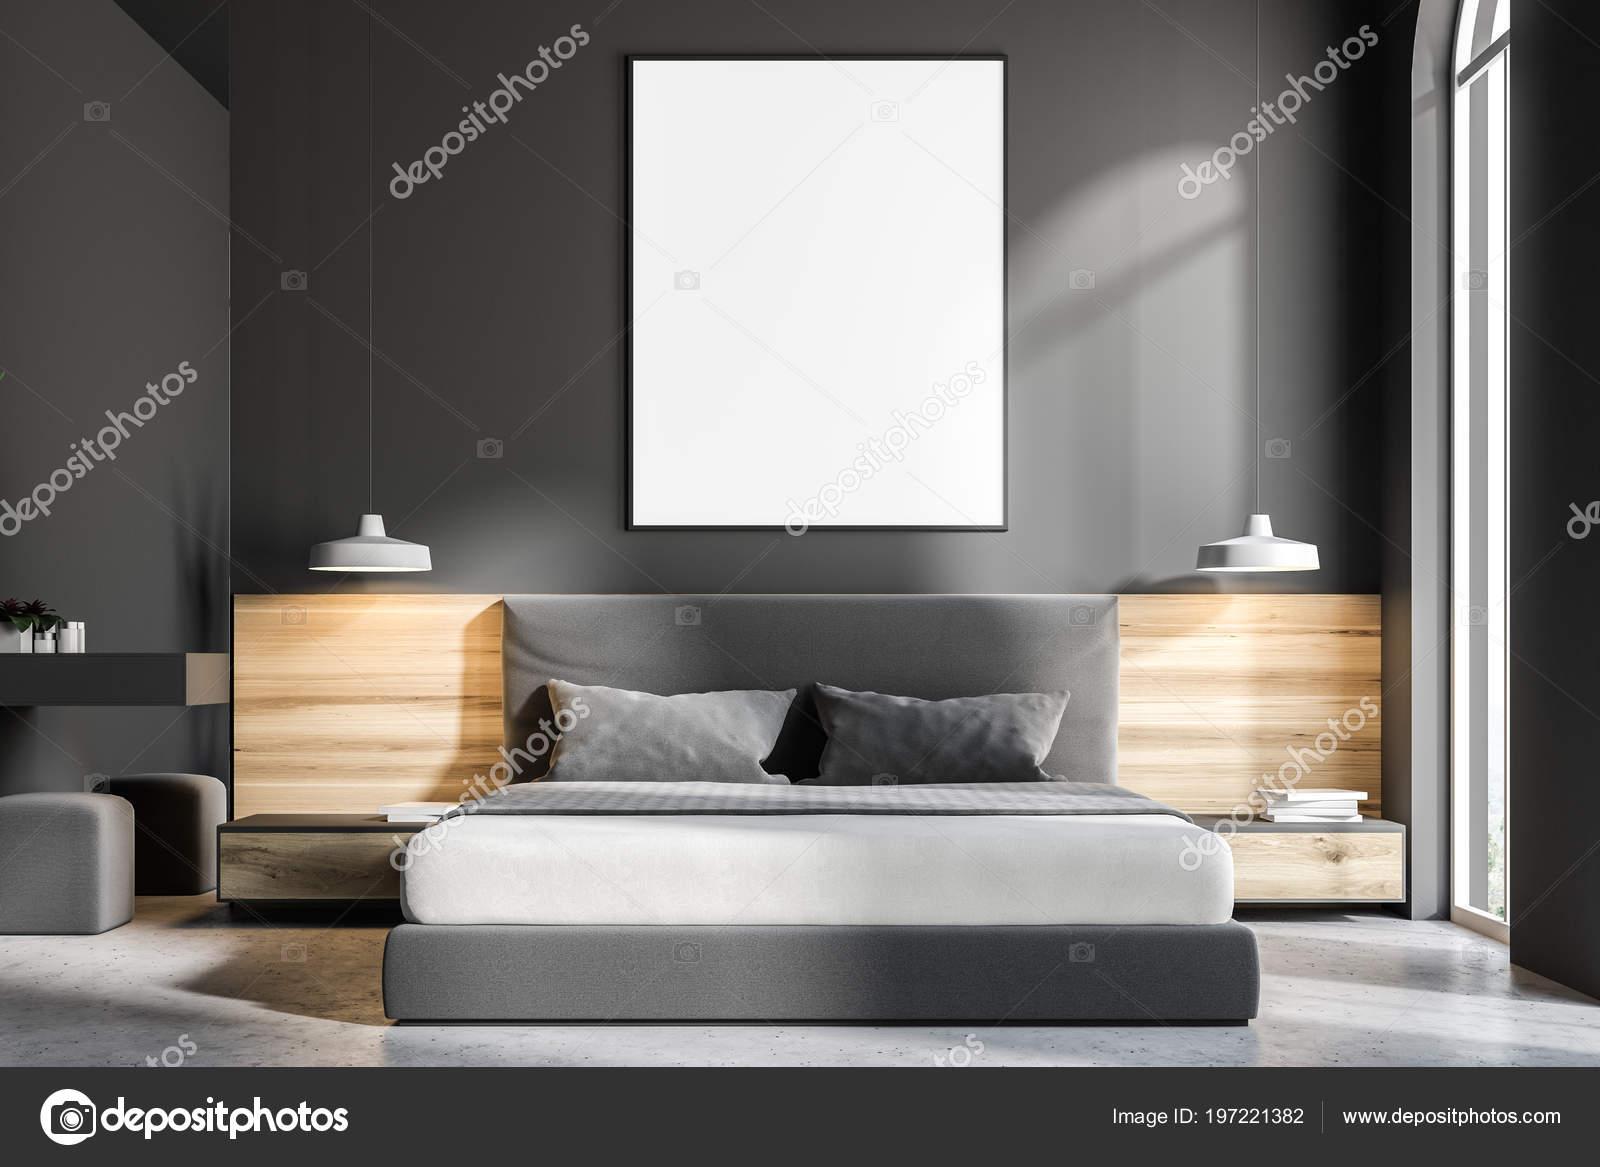 intrieur chambre coucher grise avec sol bton lit king size photo